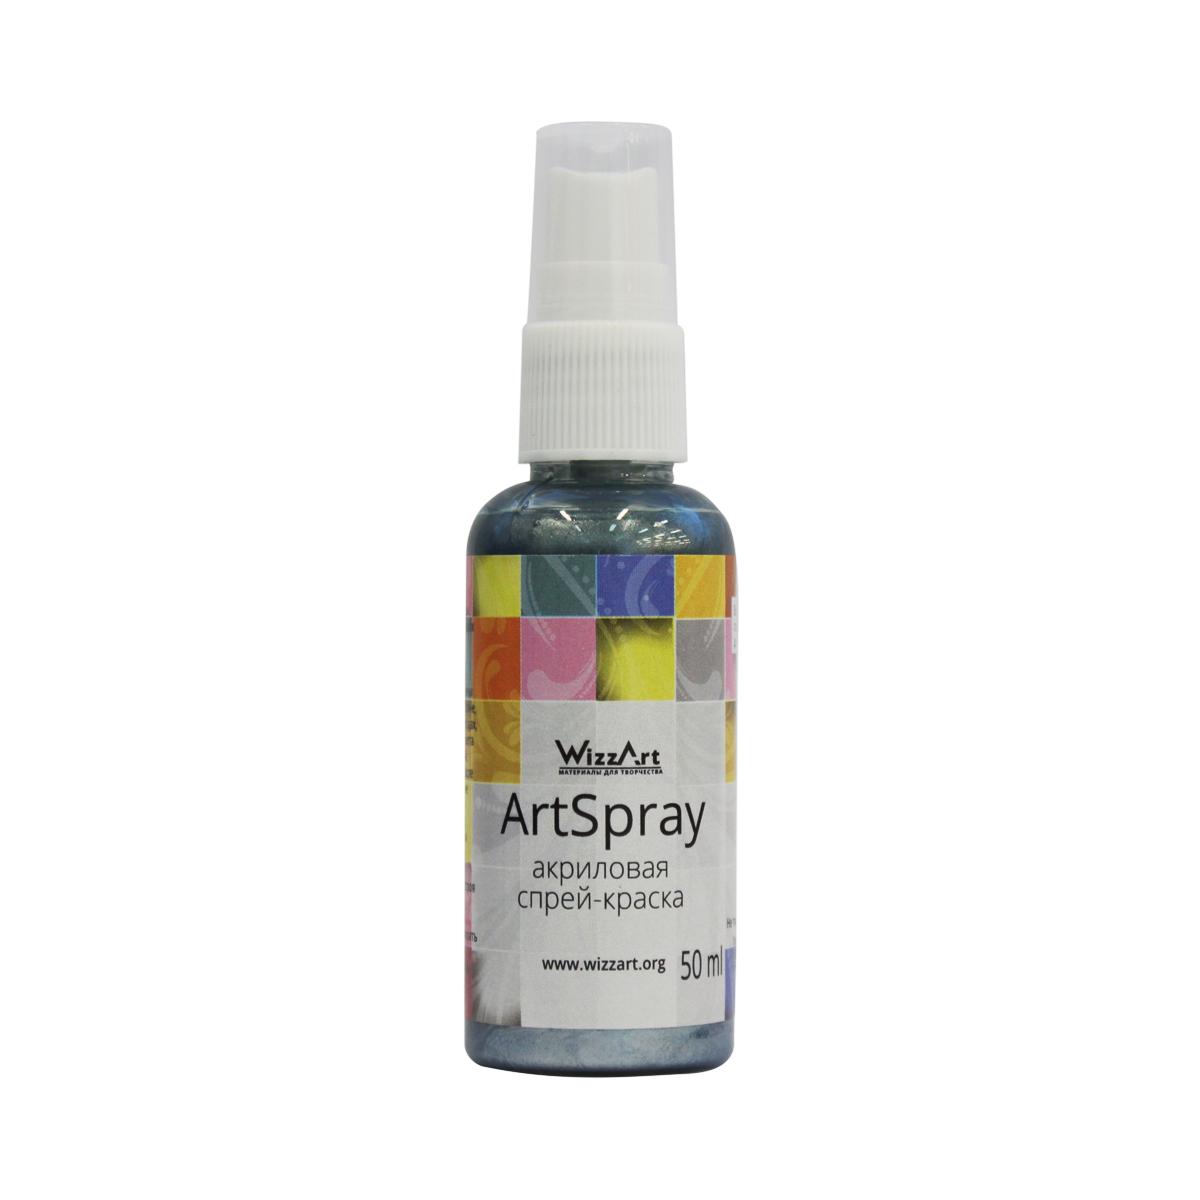 Краска-спрей акриловая Wizzart ArtSpray, цвет: серебро античное, 50 мл499973Серия ArtSpray от фирмы WizzArt - это акриловые краски в удобной форме спрея. Богатство палитры оттенков и возможность смешивать их между собой открывает безграничные возможности для творчества. Краска-спрей наиболее удобна для окрашивания широких поверхностей и для использования трафаретов. Ее легко распылять из флакона, покрытие получается матовым, ровным и плотным. Краска применима на большинстве поверхностей, используемых в различных видах творчества - это может быть пластик, картон, бумага, дерево, керамика, кожа, стекло и пр. Эти акриловые краски абсолютно безопасны и экологичны, не выделяют в воздух никаких вредных веществ. Акриловые краски являются наиболее распространенными в различных видах ручного труда - декорировании, декупаже, росписи различных основ. Краска-спрей WizzArt удобна в работе, высыхает в течение часа, приобретая водостойкость. Используемые при производстве пигменты устойчивы к выцветанию на свету, краска долго остается такой же яркой и насыщенной, как при окрашивании.Объем: 50 мл.Товар сертифицирован.